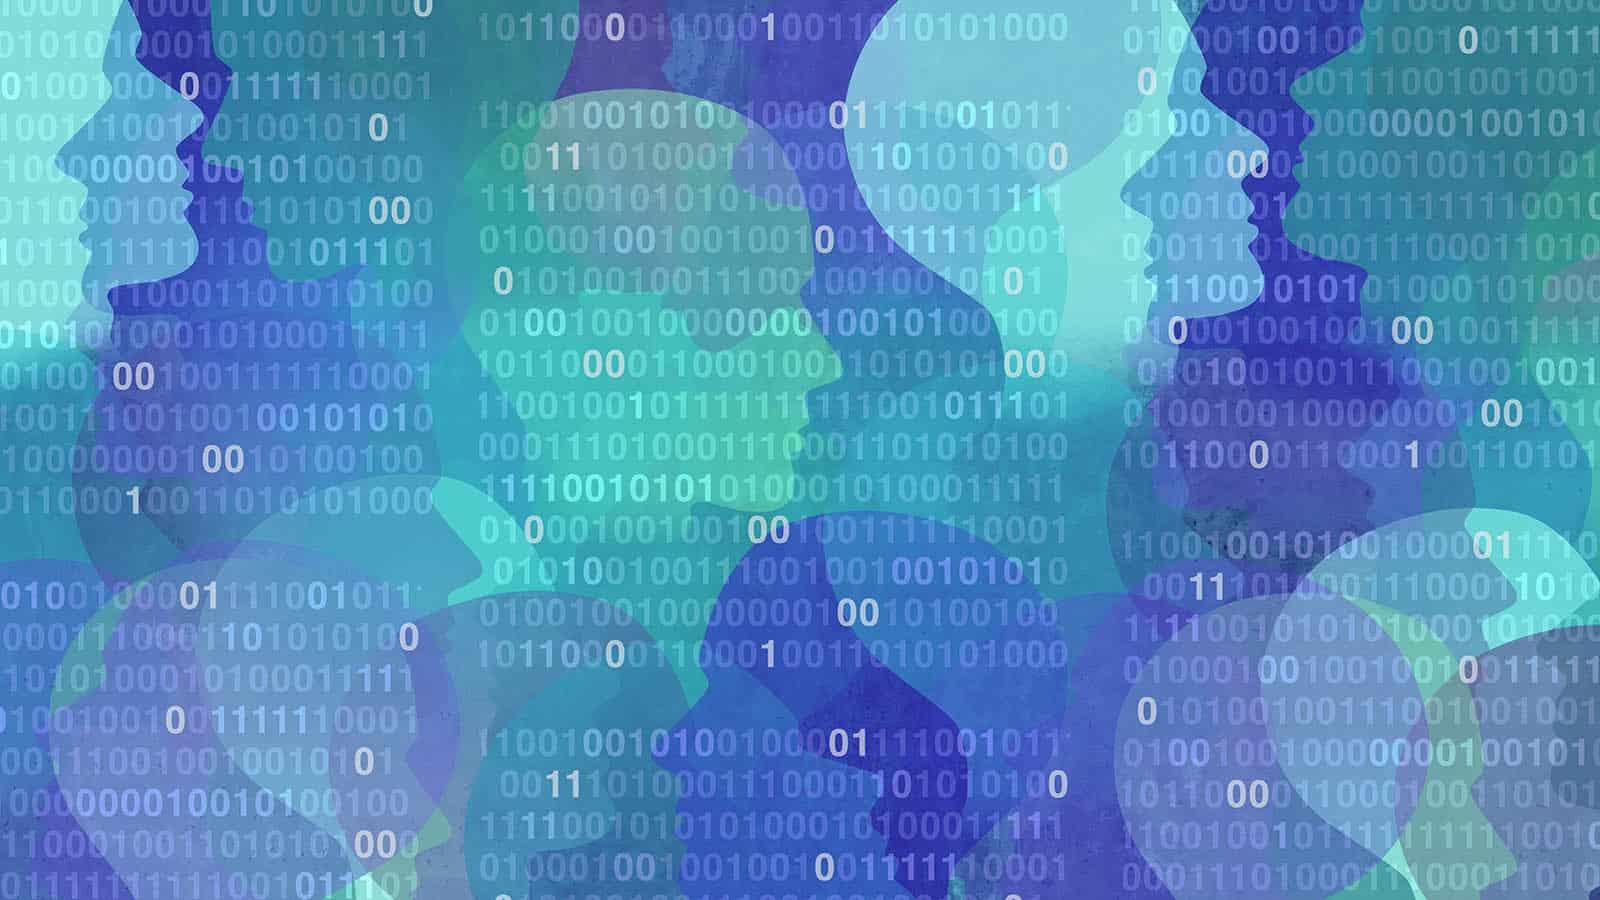 75 prosent mener det bør gjøres vanskeligere å lagre persondata og opplysninger som kan brukes til å lage digitale profiler. Illustrasjon: Shutterstock